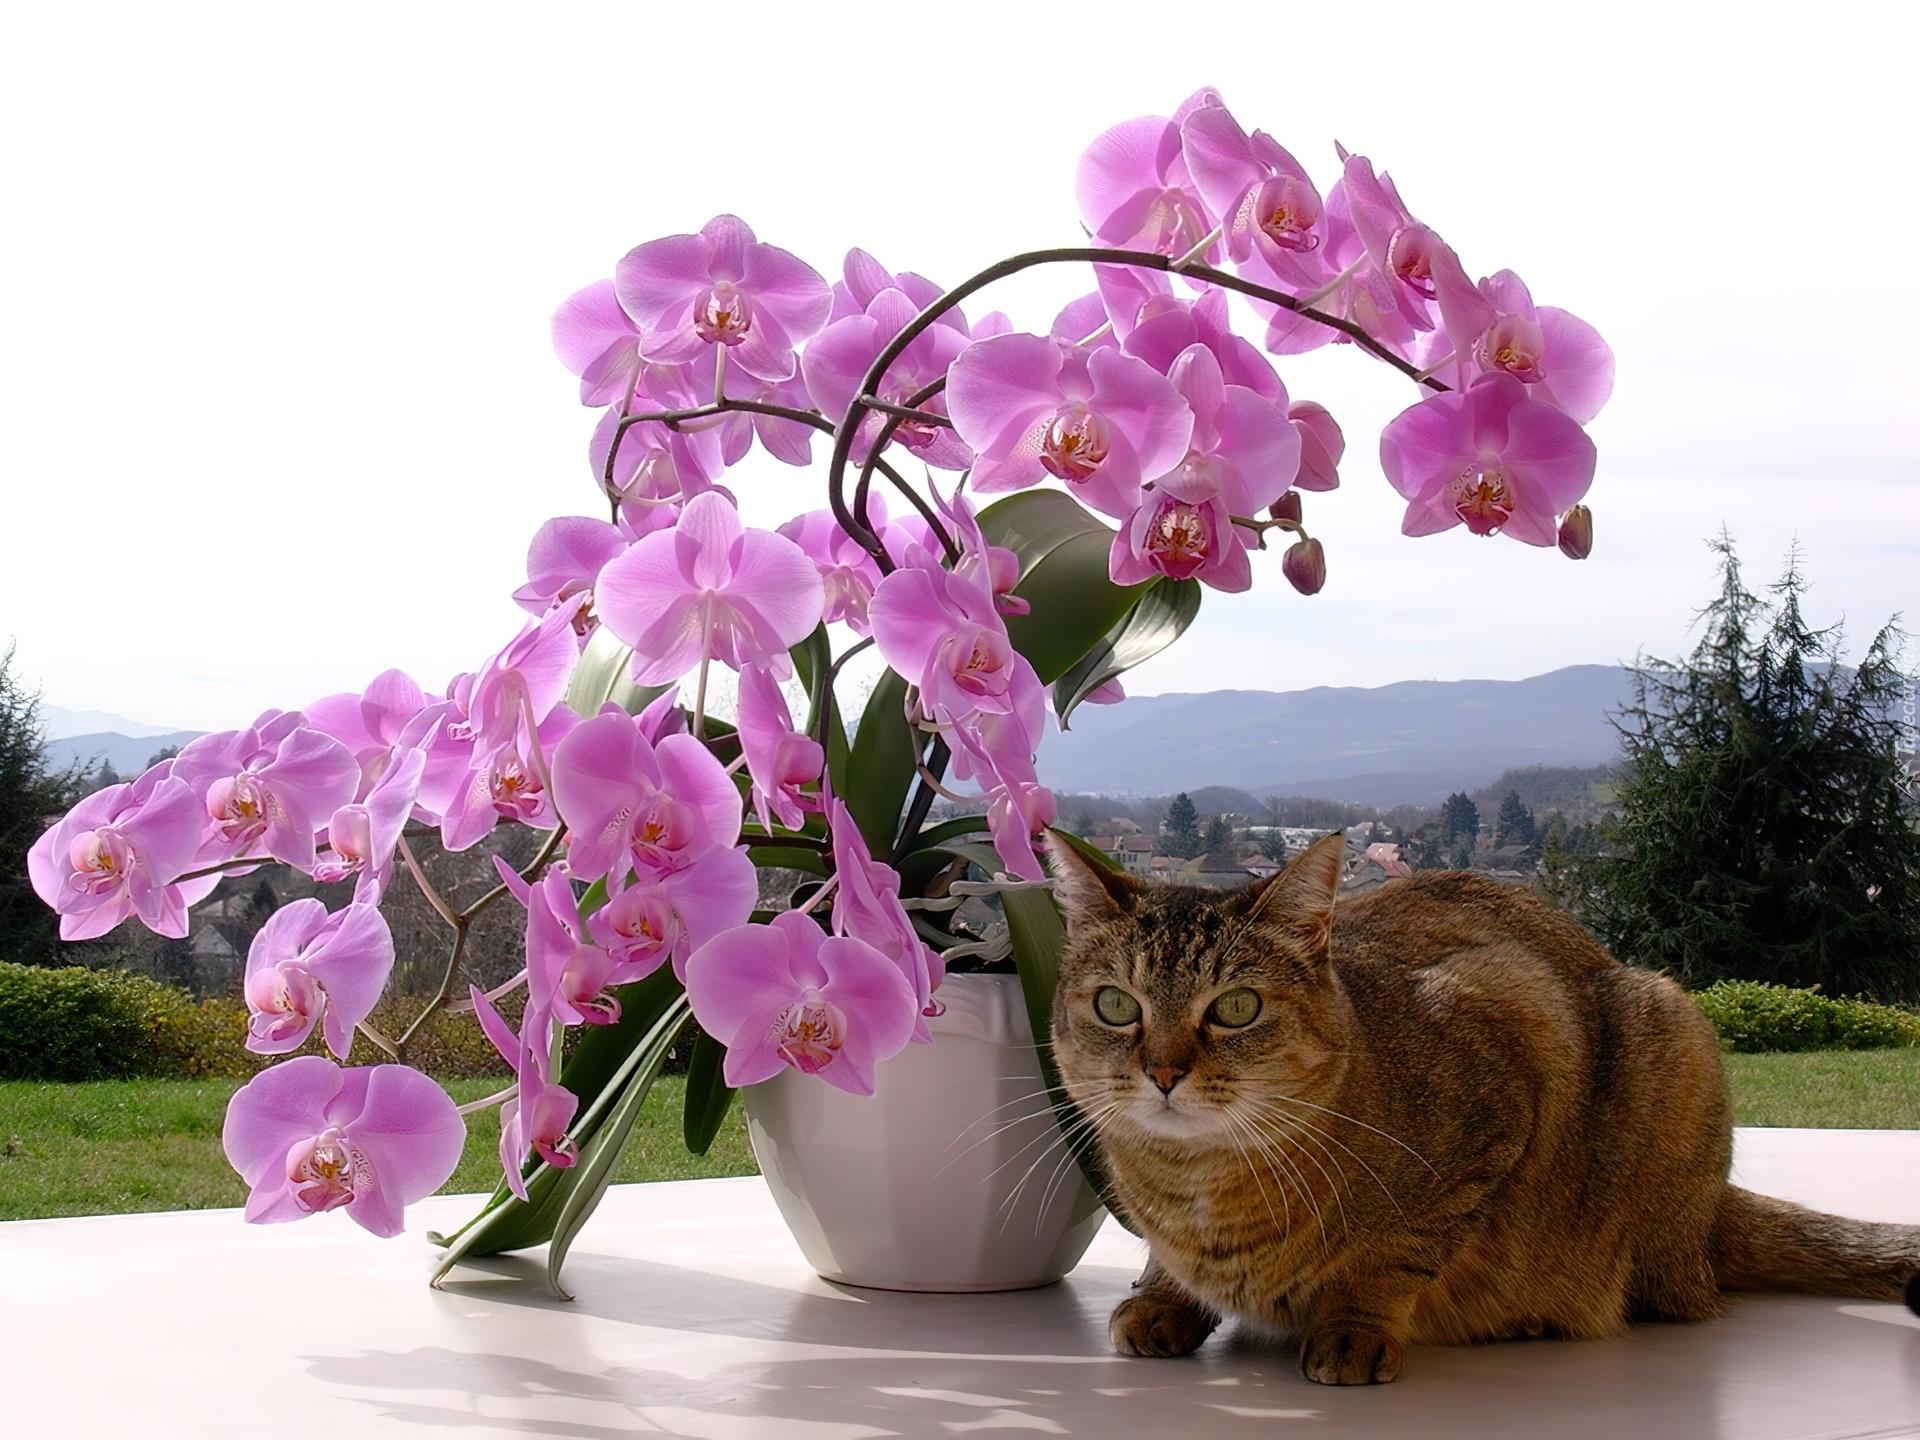 Доброе утро картинки с орхидеями, картинки